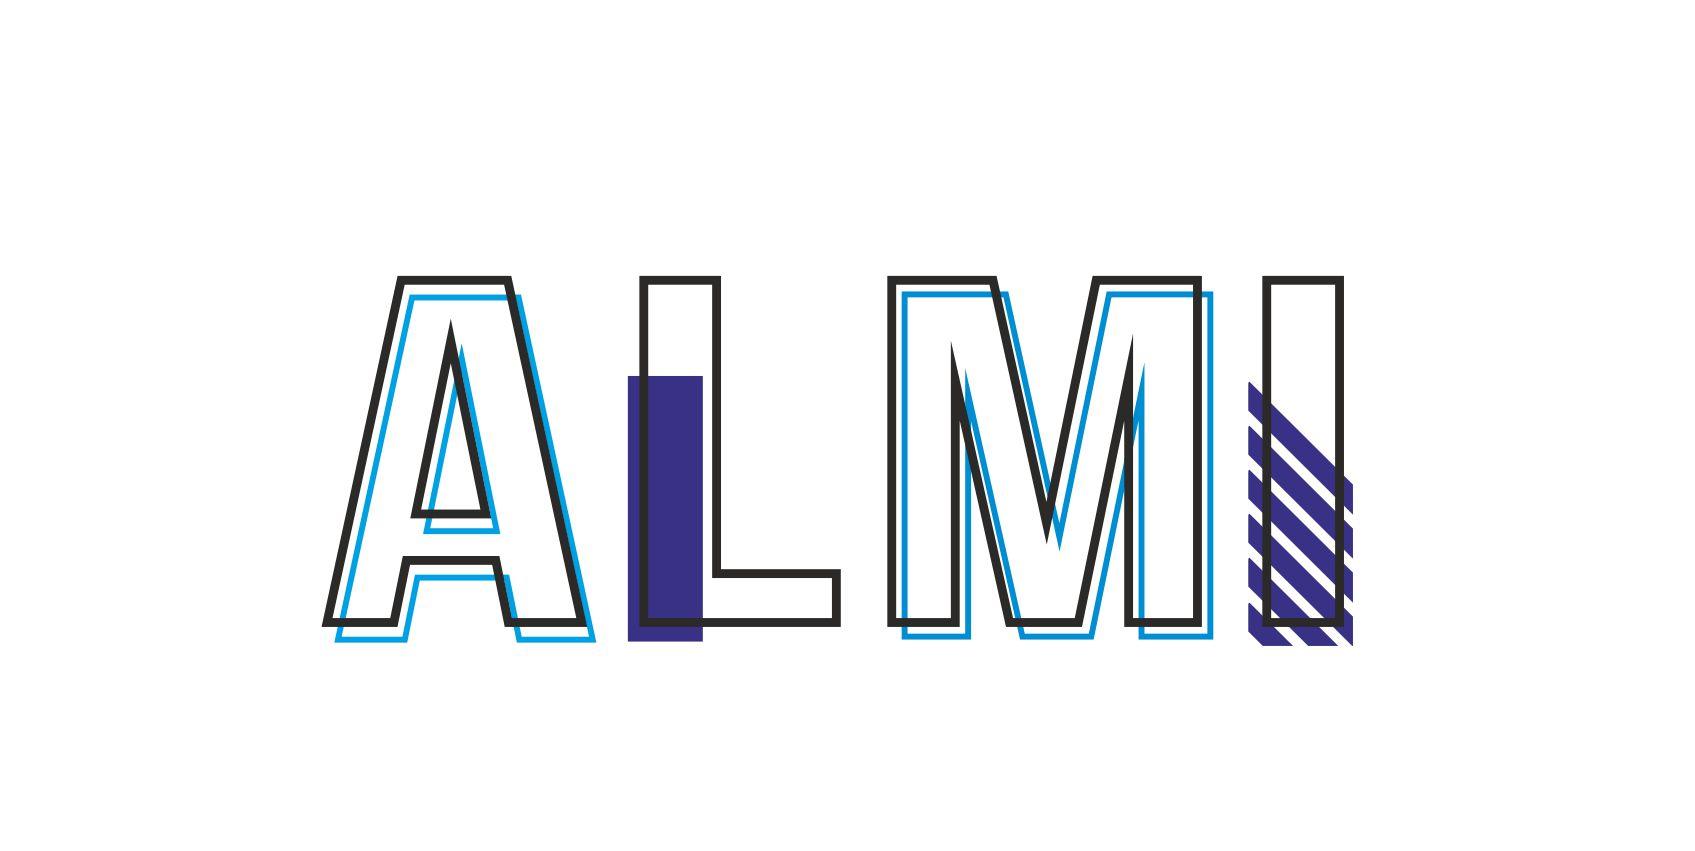 Разработка логотипа и фона фото f_656598af513469bb.jpg